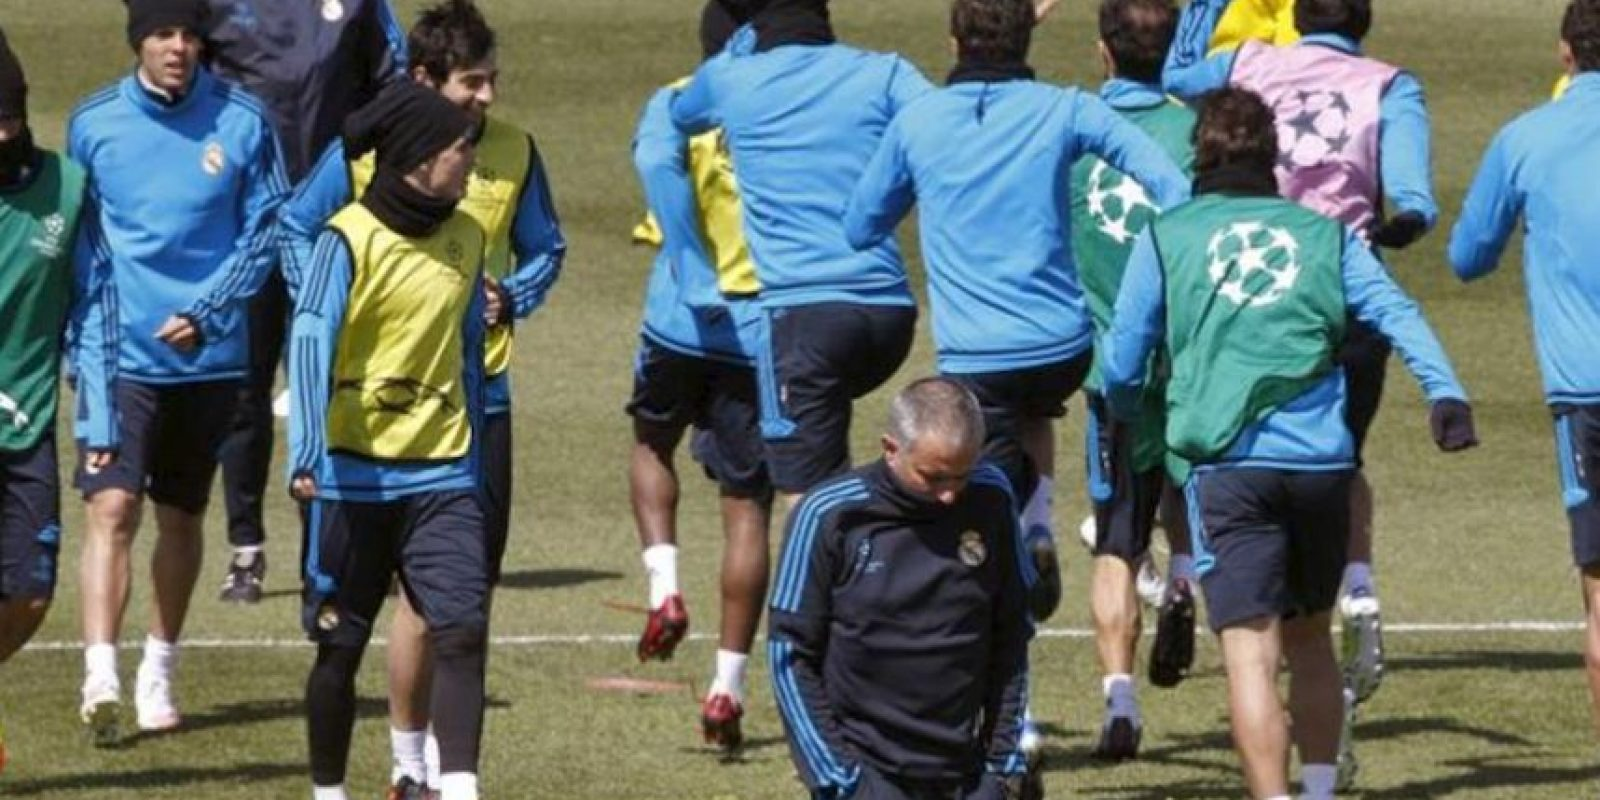 El técnico portugués Jose Mourinho junto a sus jugadores durante el entrenamiento del Real Madrid en el que preparó hoy en la ciudad deportiva del club el partido que disputará mañana ante el Bayern de Munich, en el estadio Olímpico muniqués, correpondiente a la ida de las semifinales de la Liga de Campeones. EFE